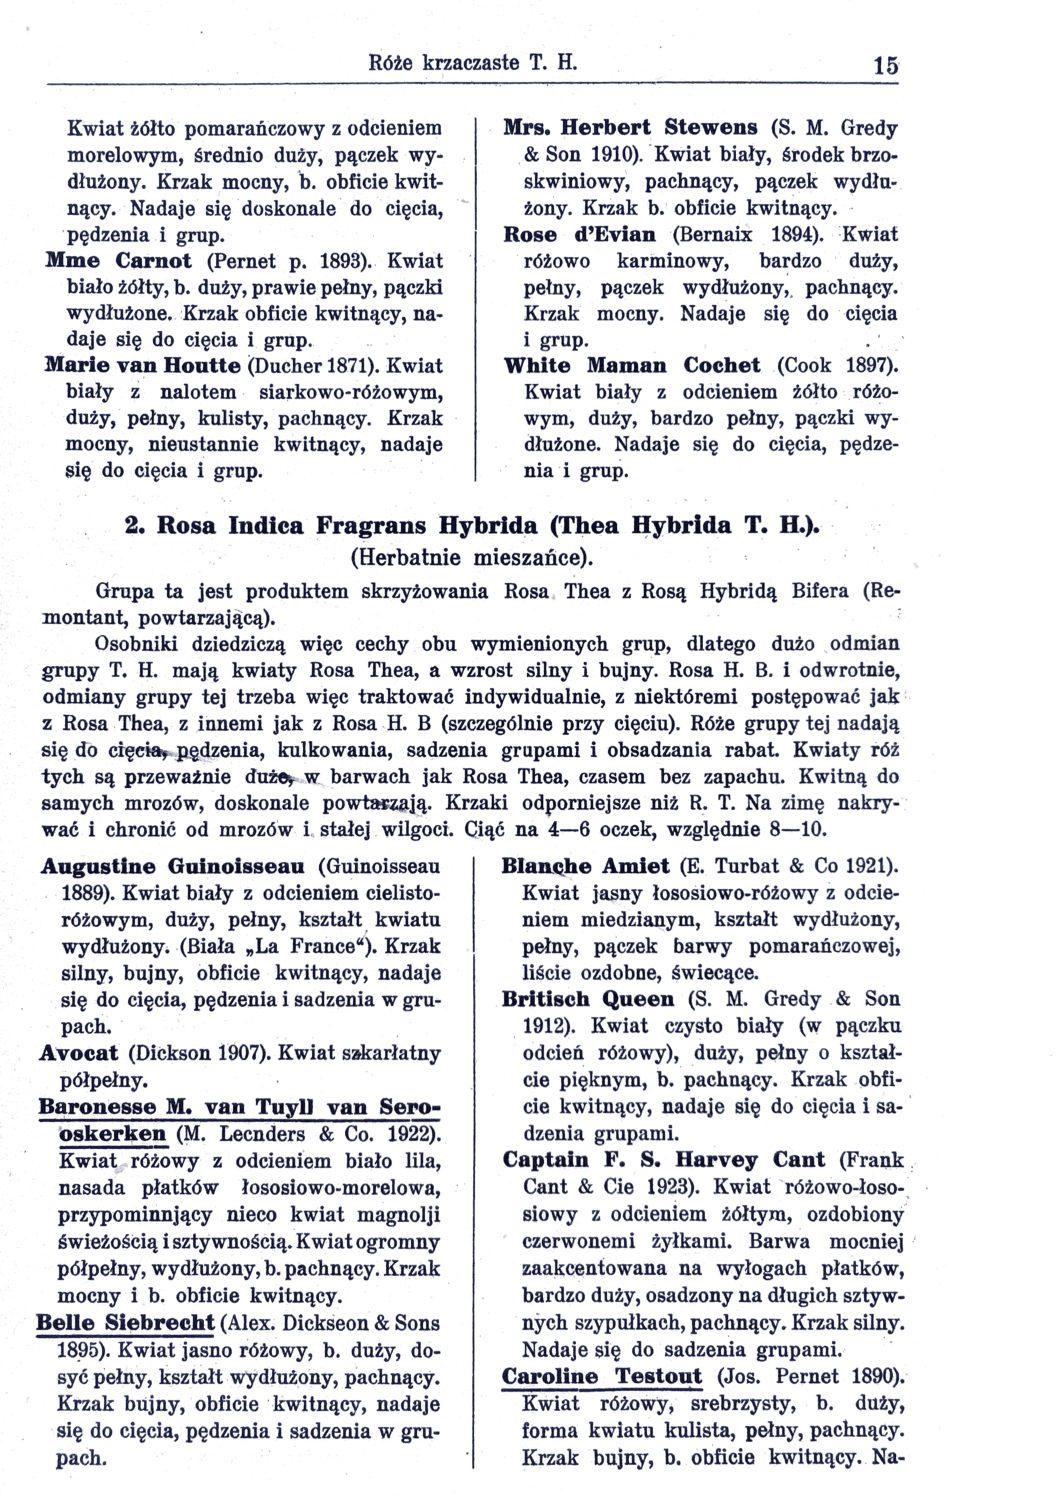 Cennik szkółek ogrodniczych Stanisława Dzieduszyckiego 15